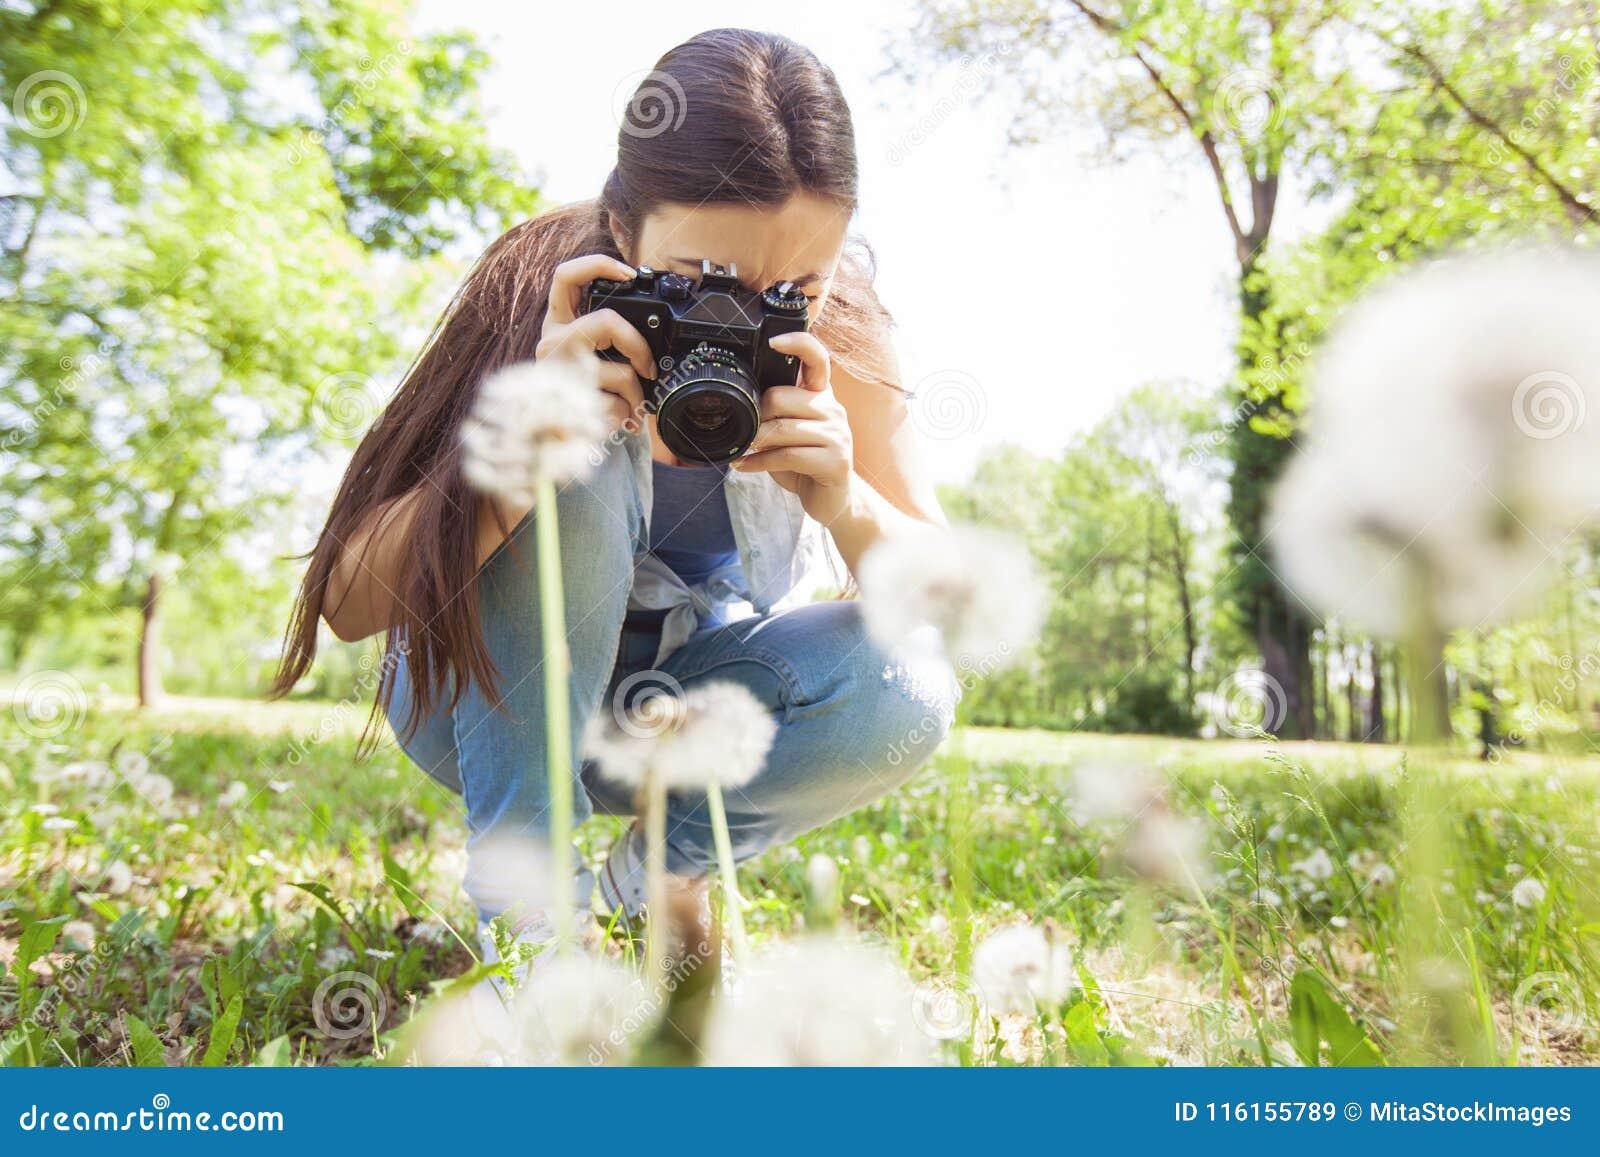 Weibliche fotografierte Natur mit Retro- alter Kamera